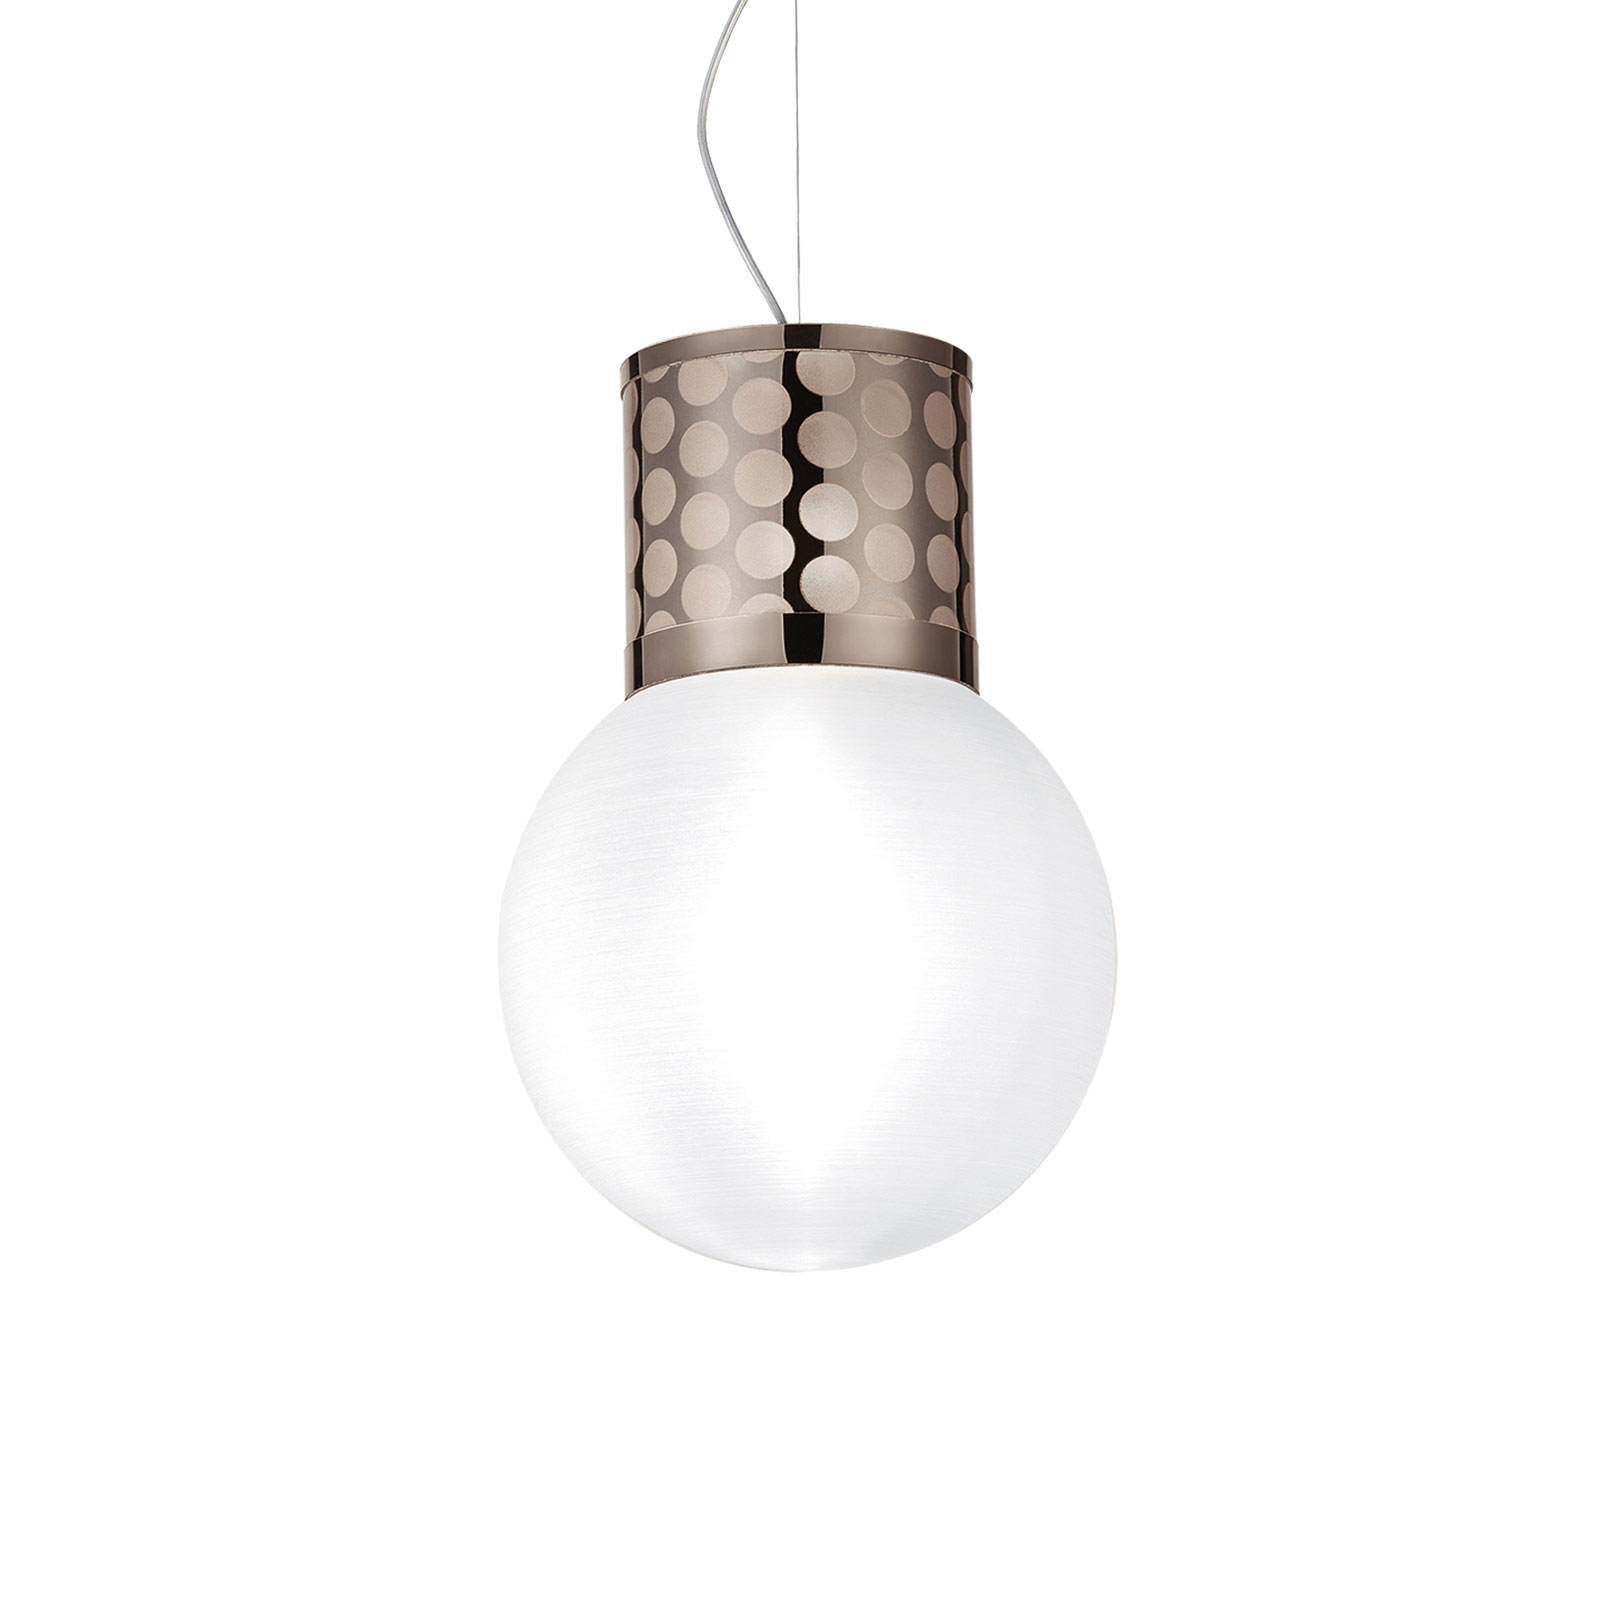 Slamp Atmosfera hanglamp, Ø 30 cm, tin